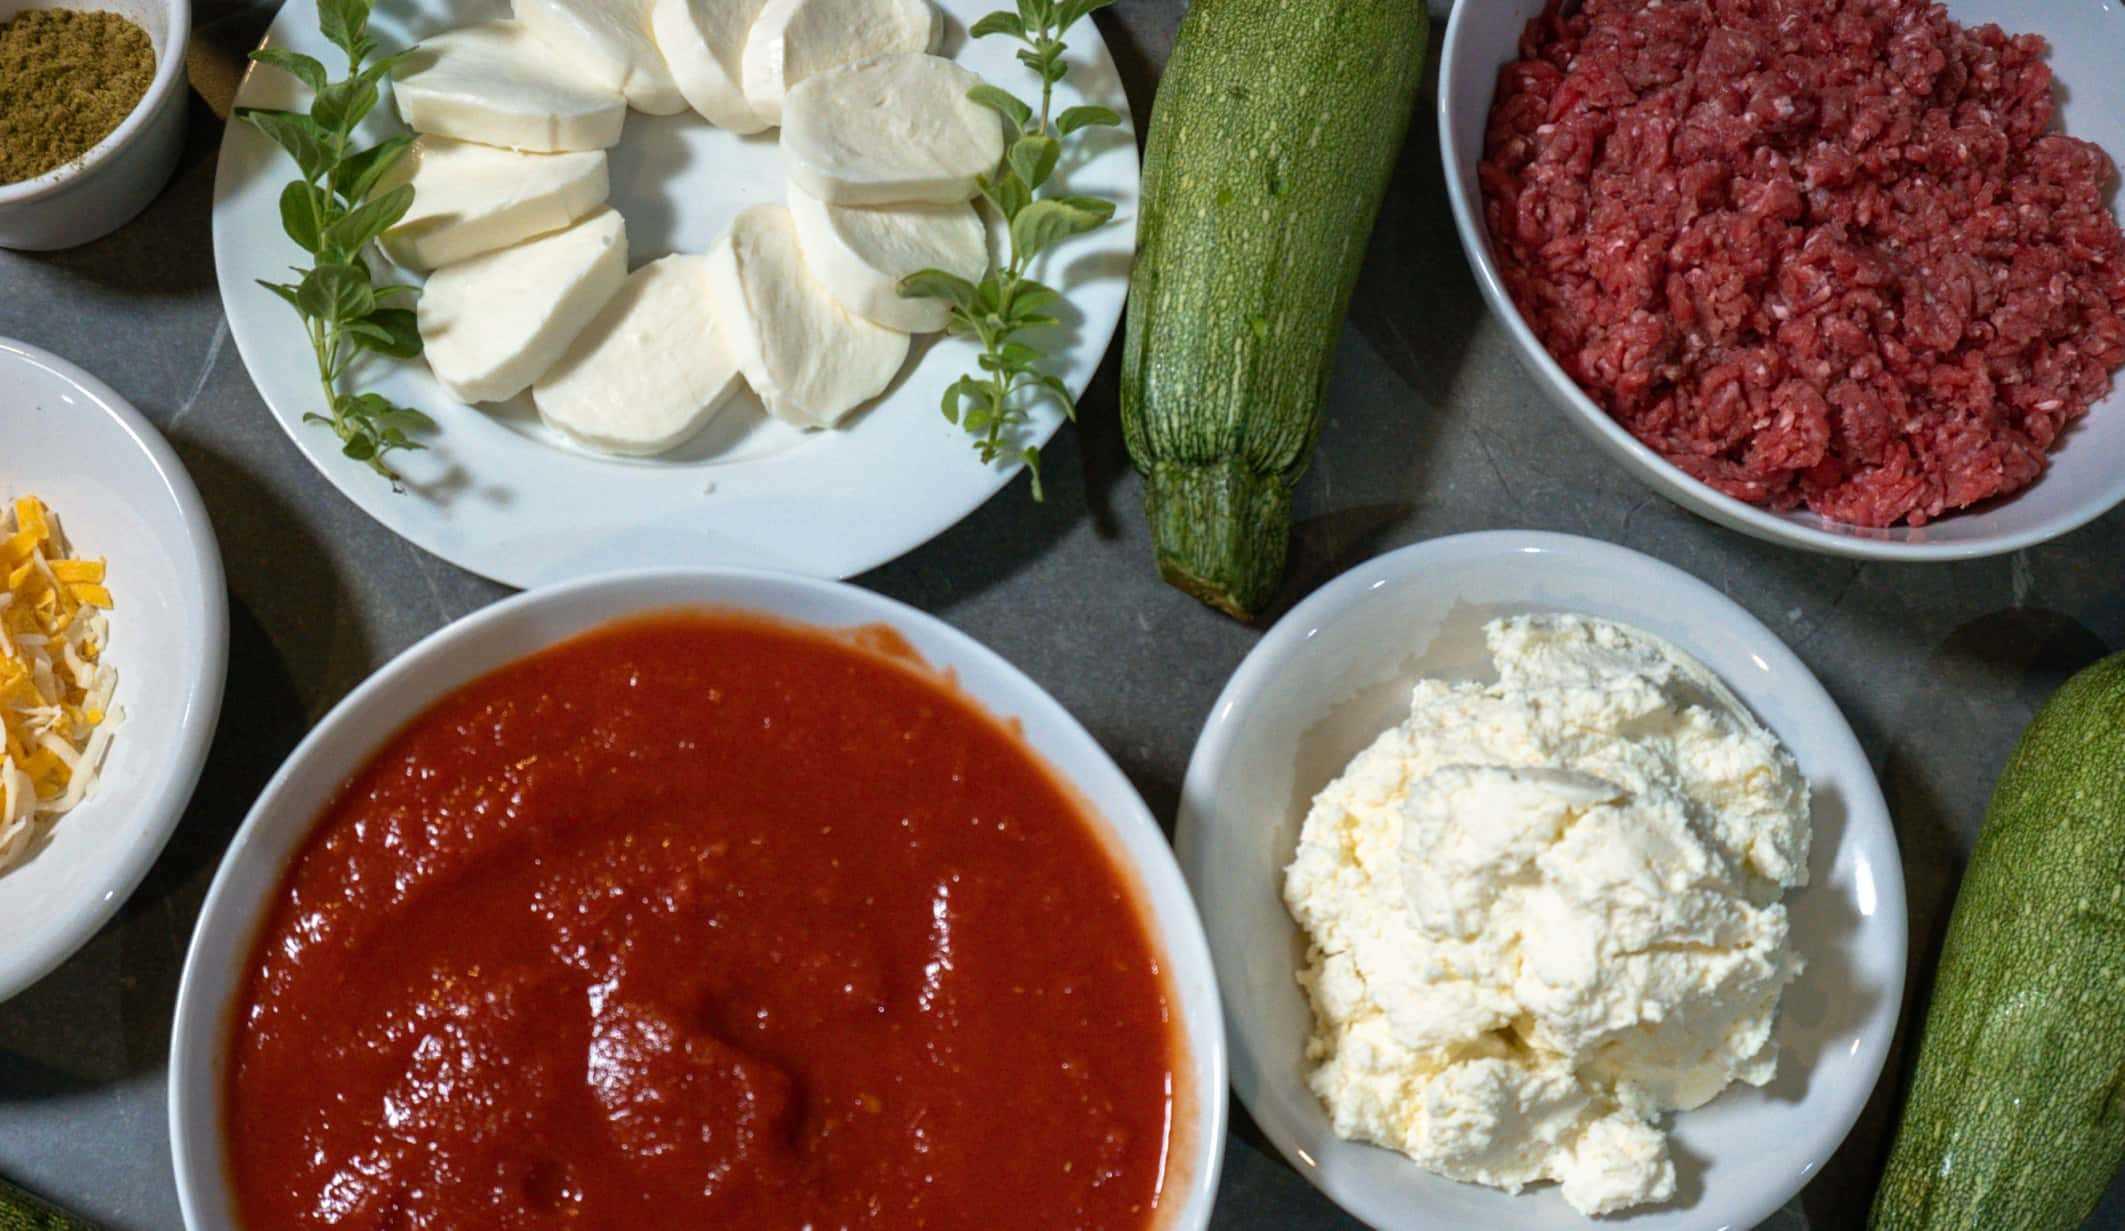 Os ingredientes da lasanha de ceto incluem: orégano, mussarela, abobrinha, carne moída, queijo ralado, tomate esmagado e queijo ricota